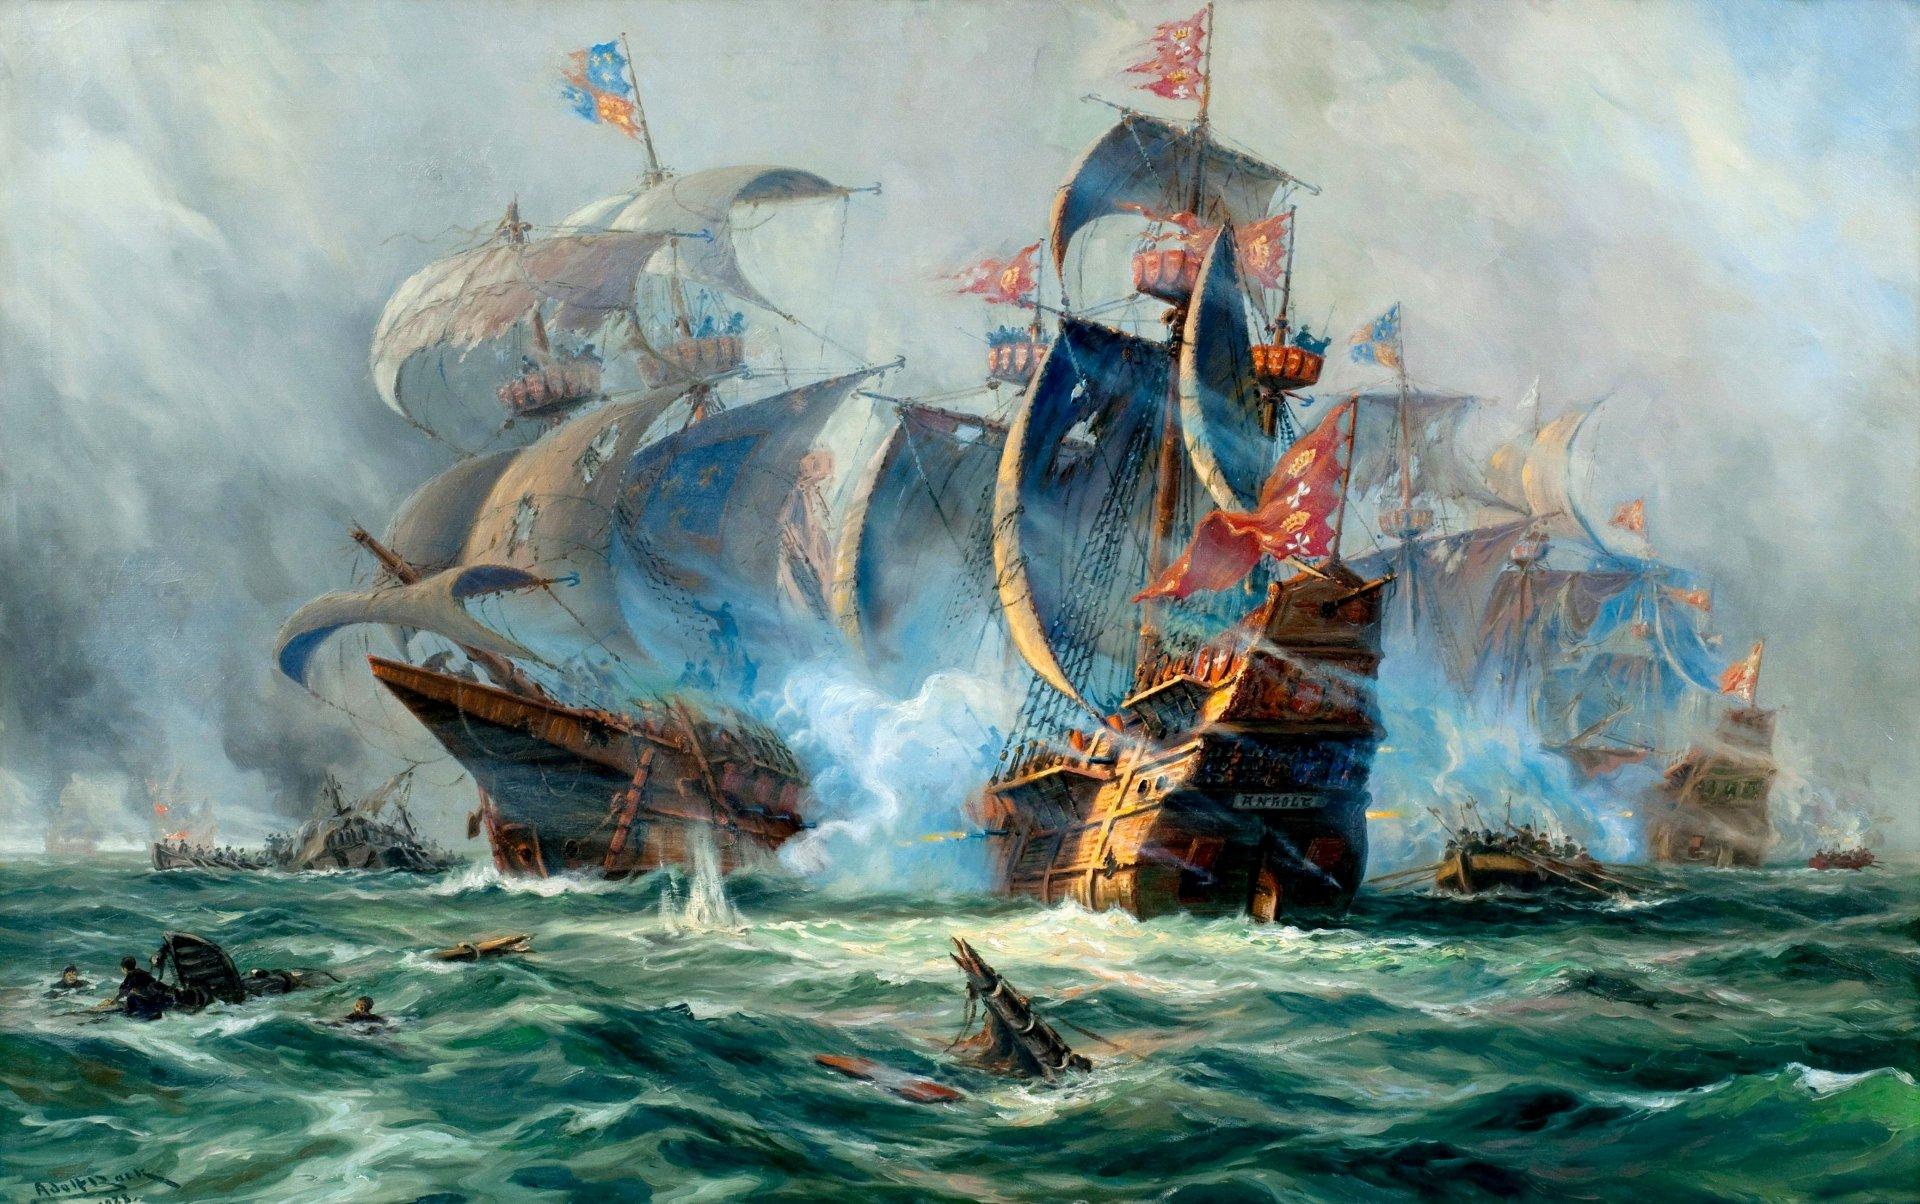 оригинальные картинки на морскую тематику с кораблем этом